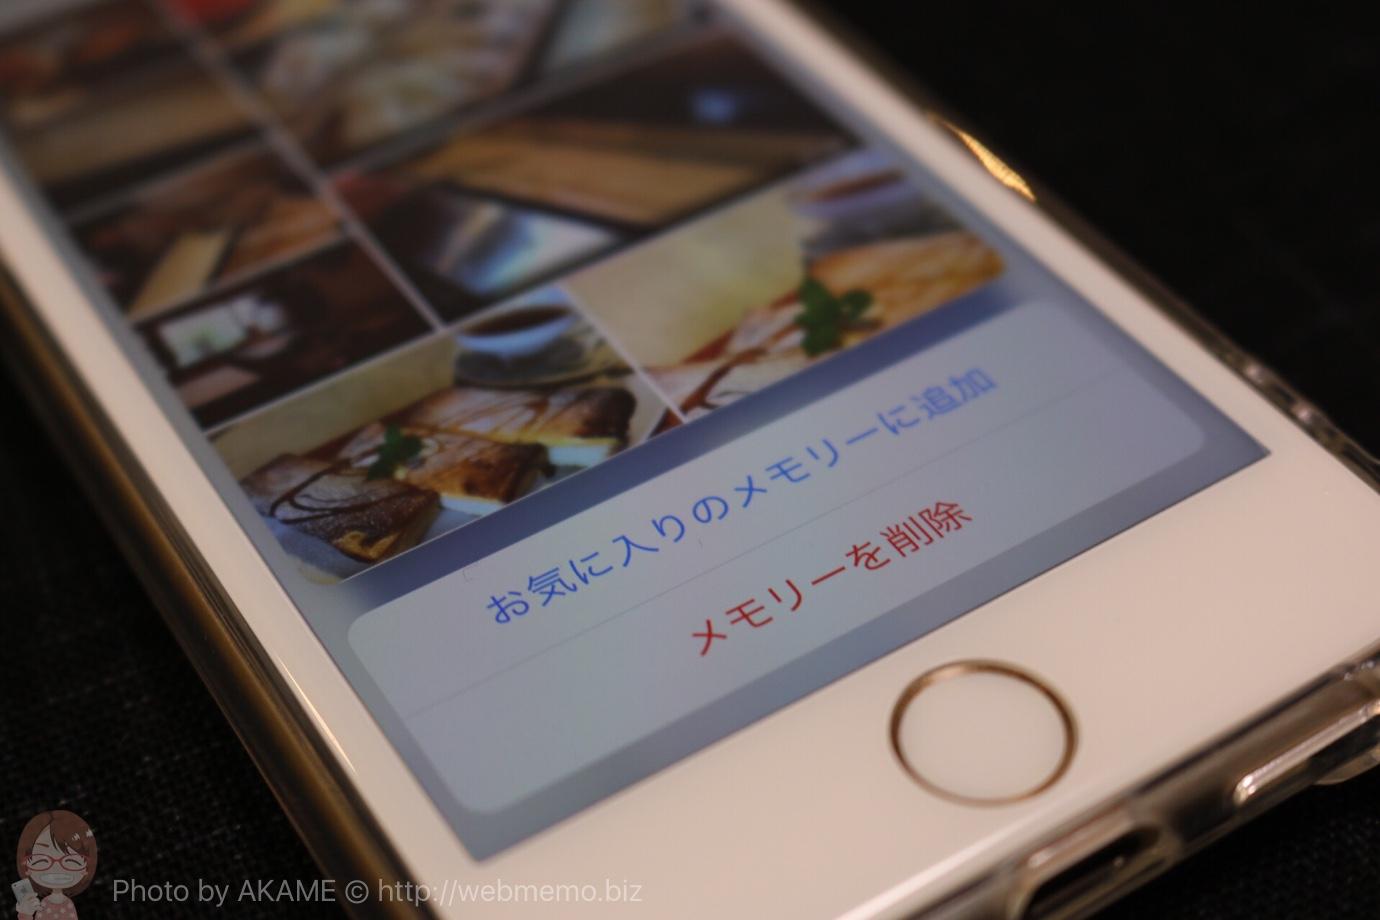 iOS10 メモリー(動画)の削除方法とお気に入りに追加する方法